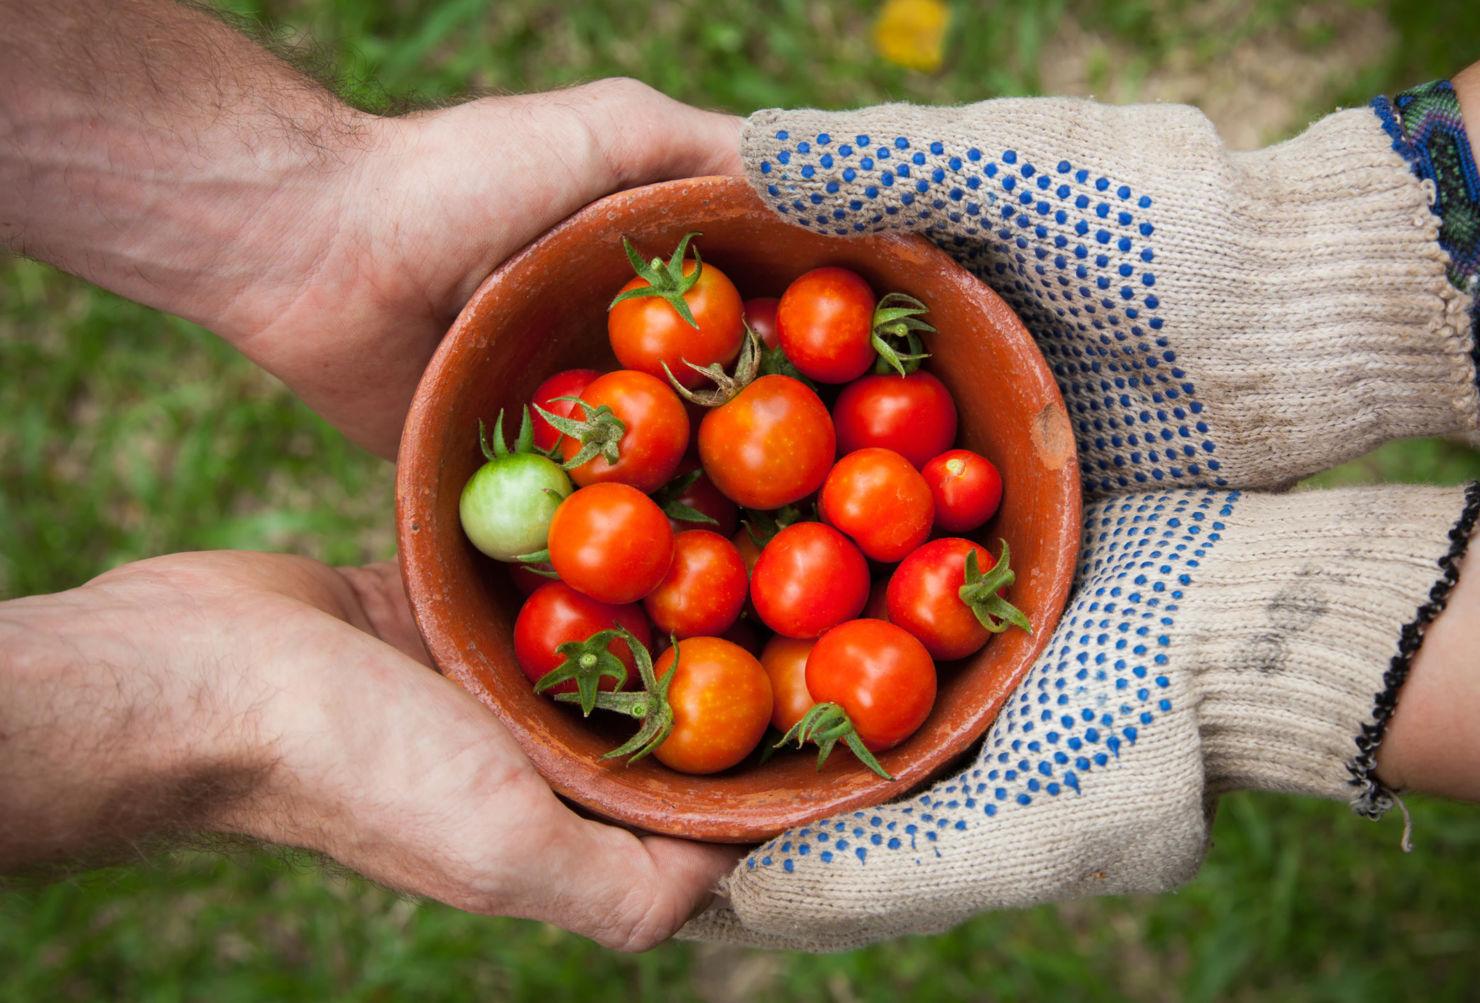 Si quieres hacer tu huerto casero, estas son las frutas y verduras más fáciles de cosechar